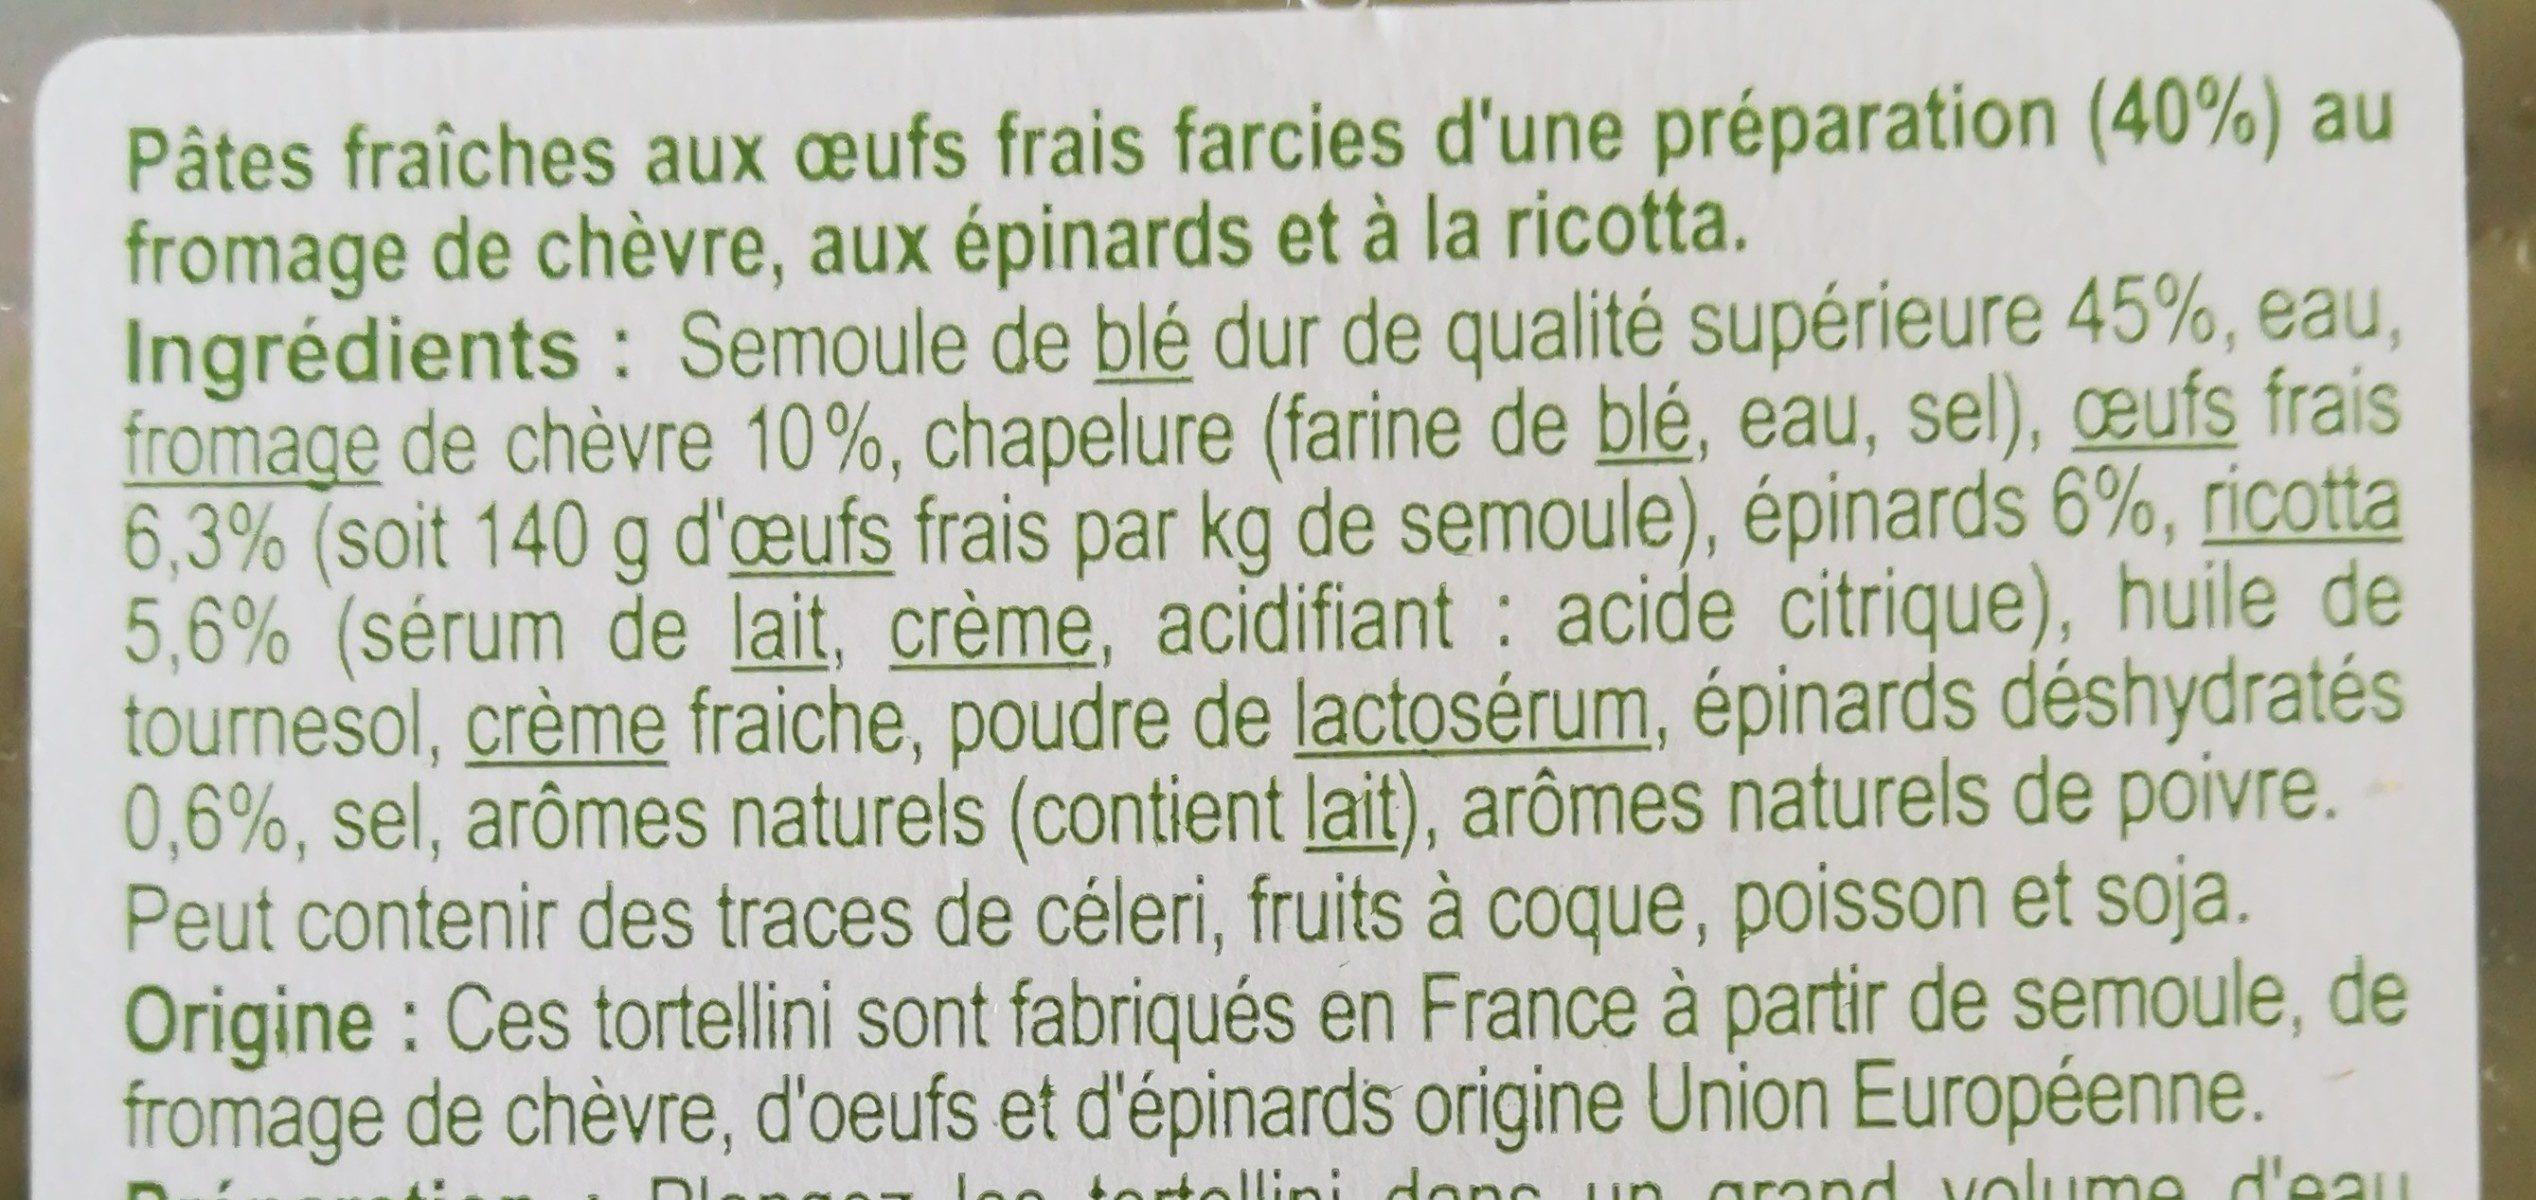 Tortellini Chèvre Épinard - Ingrediënten - fr